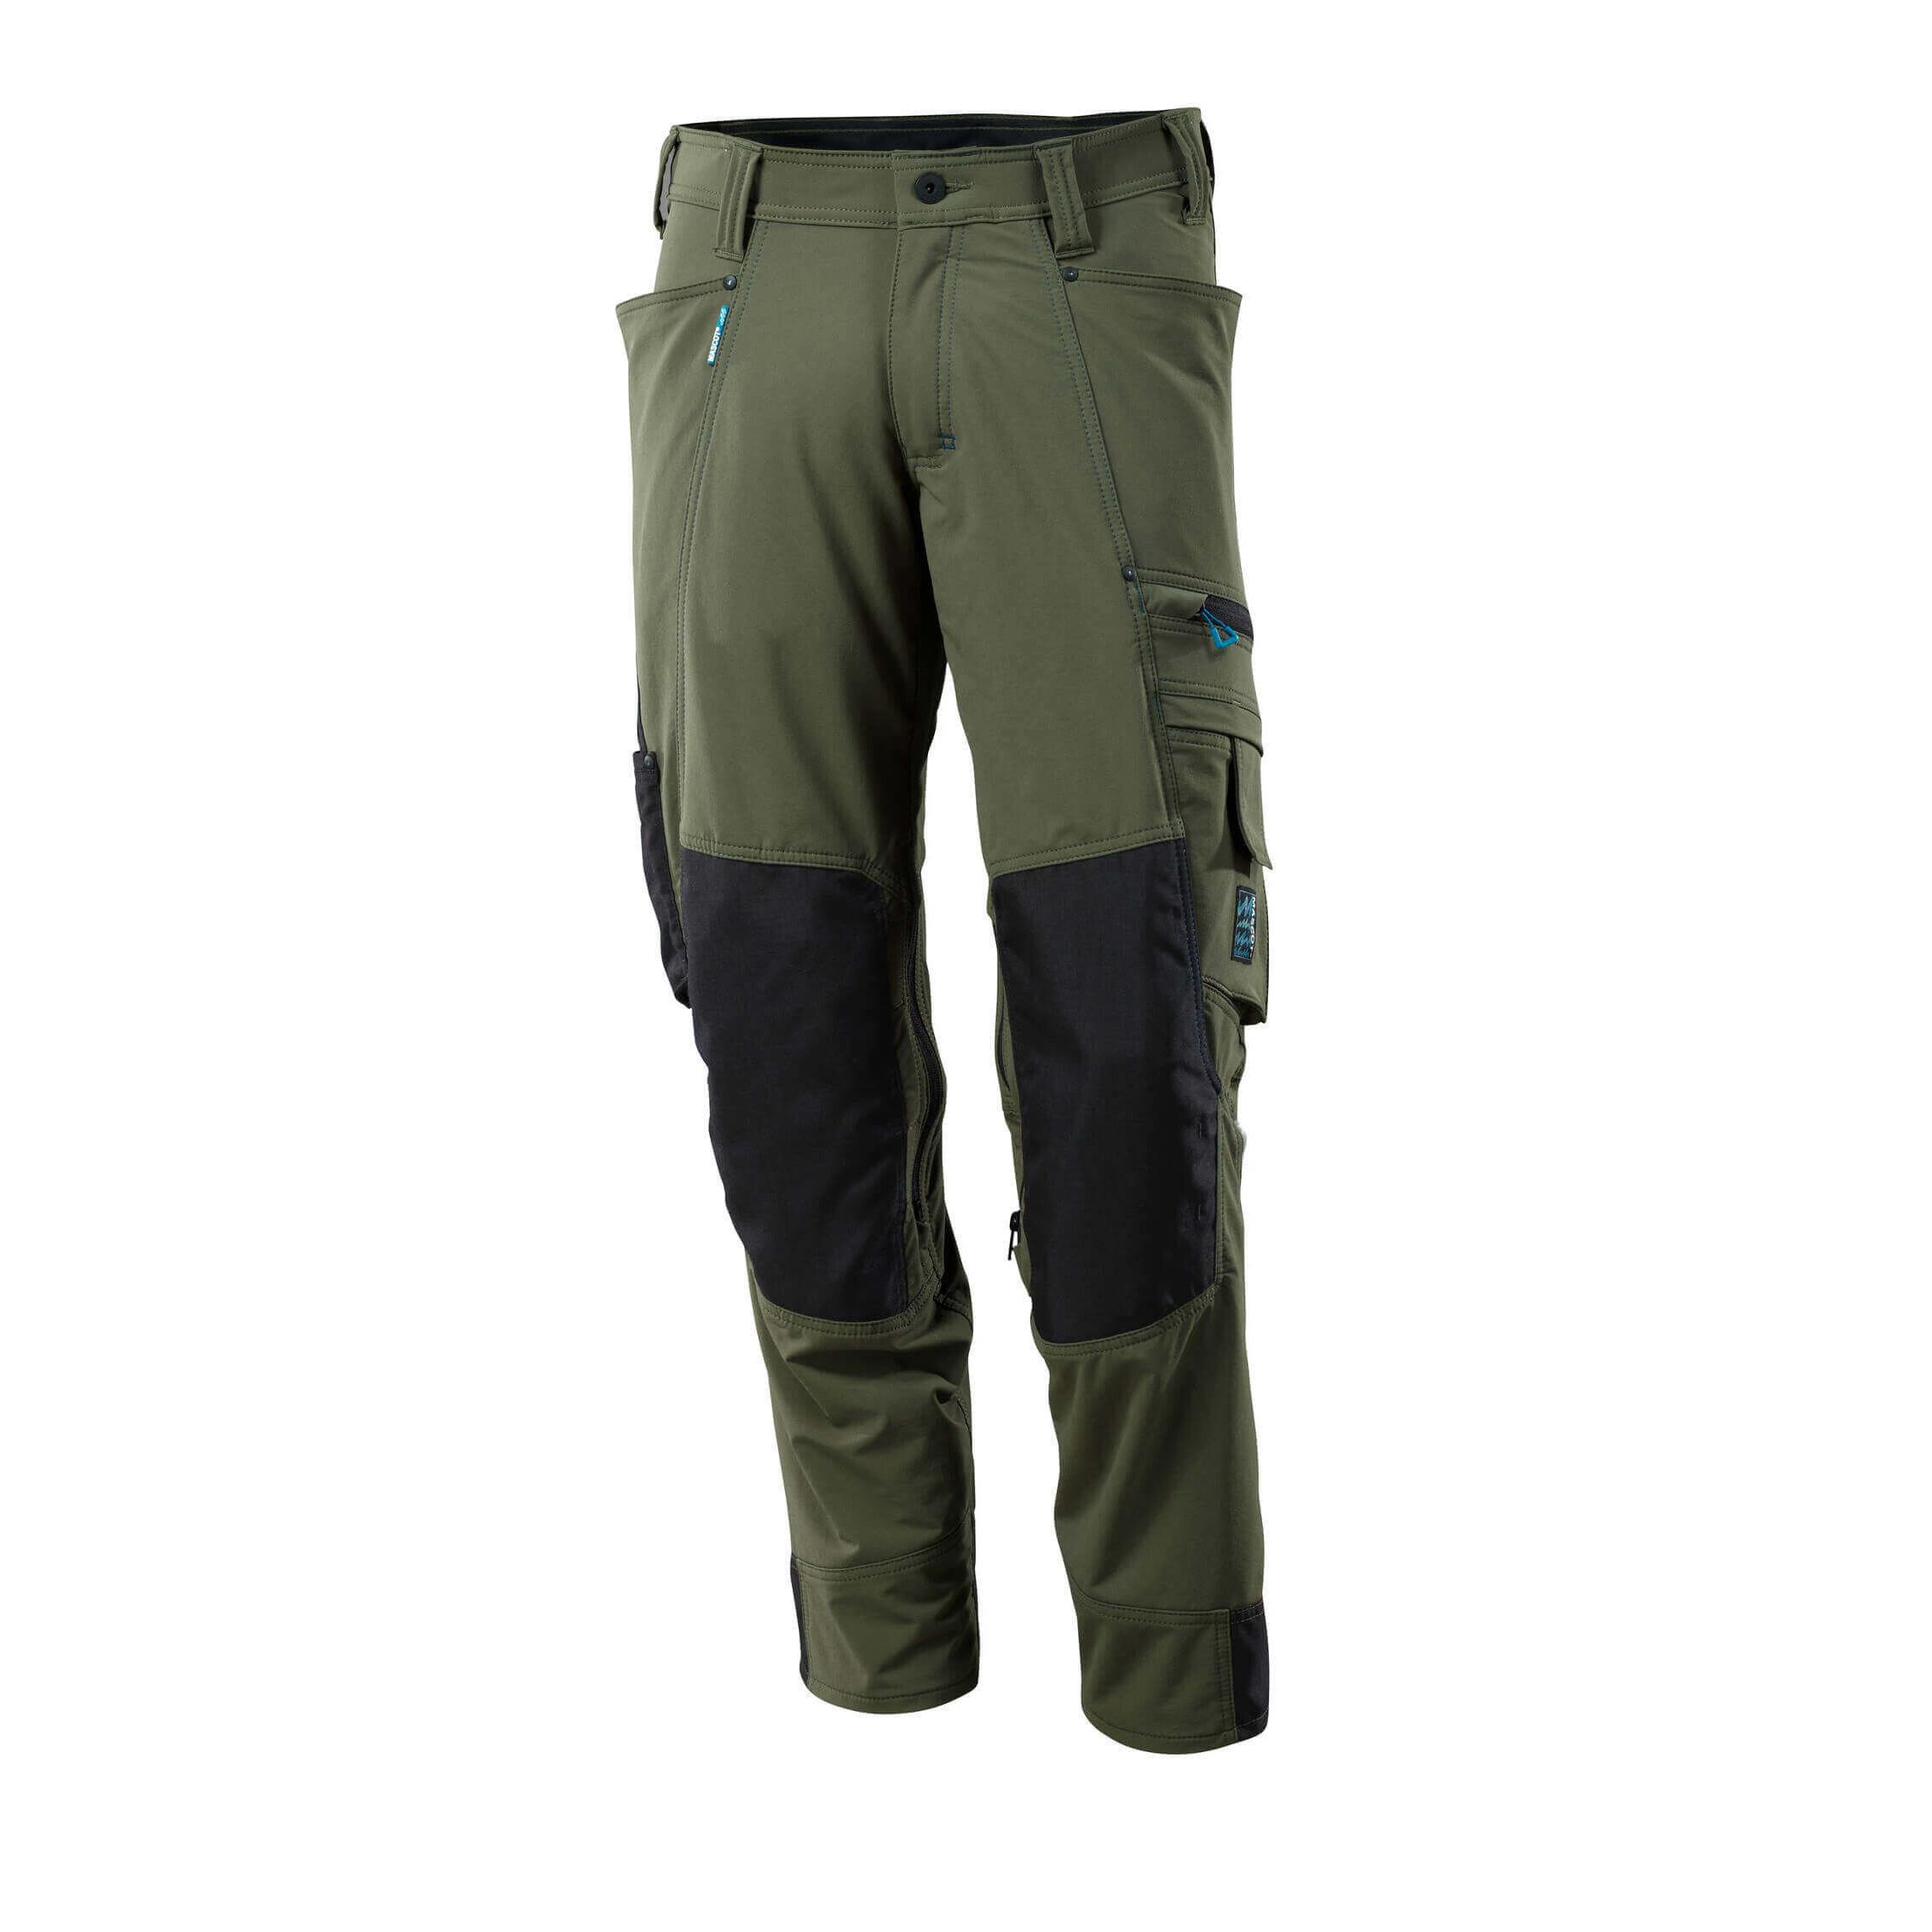 Pracovné nohavice Mascot Advanced machovo zelená